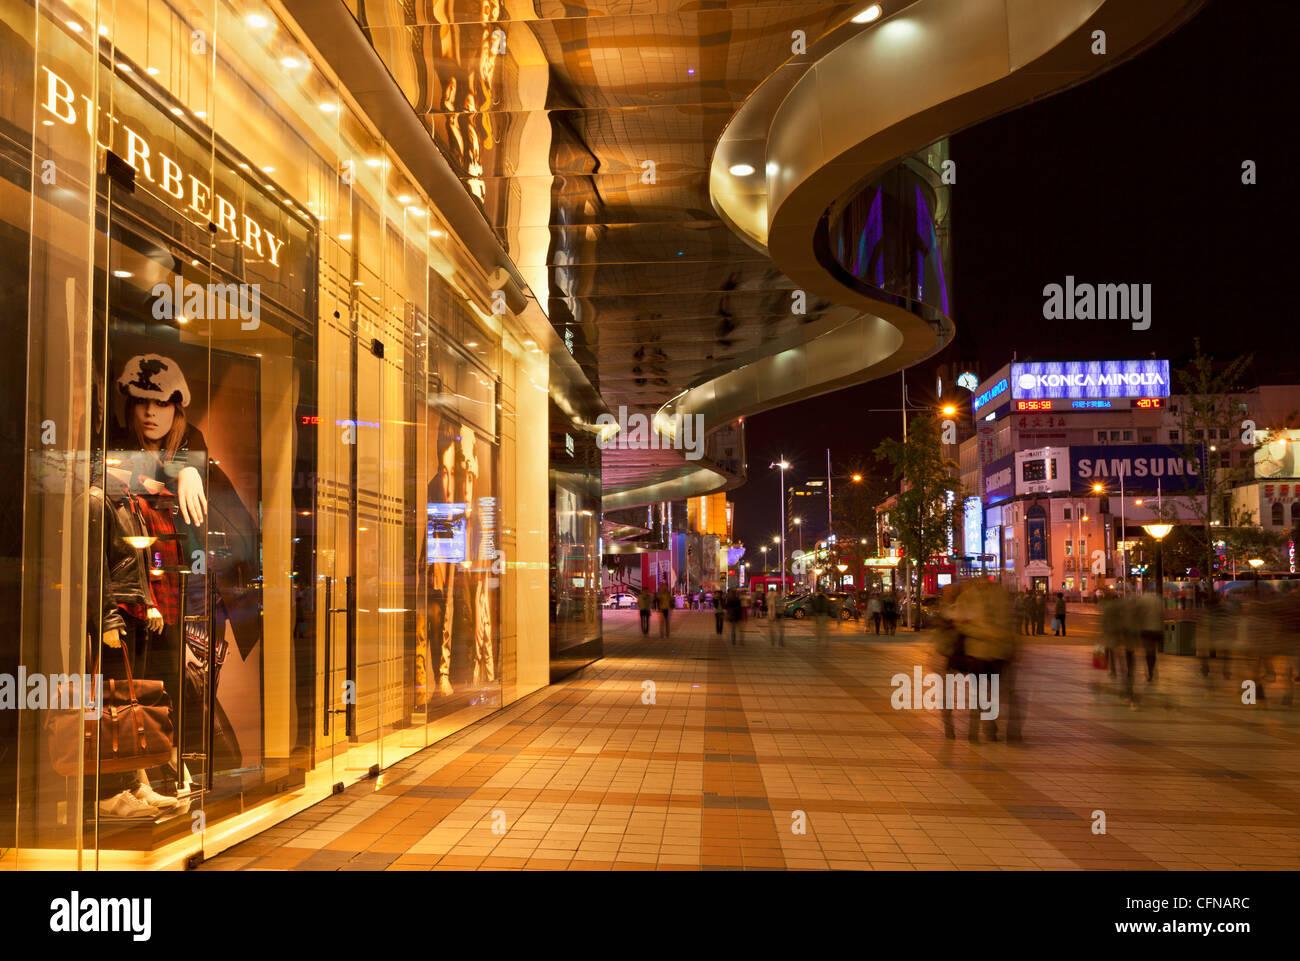 Almacenes chinos con gente de compras, Wanfujing Dajie, Central de Beijing, China, Asia Imagen De Stock